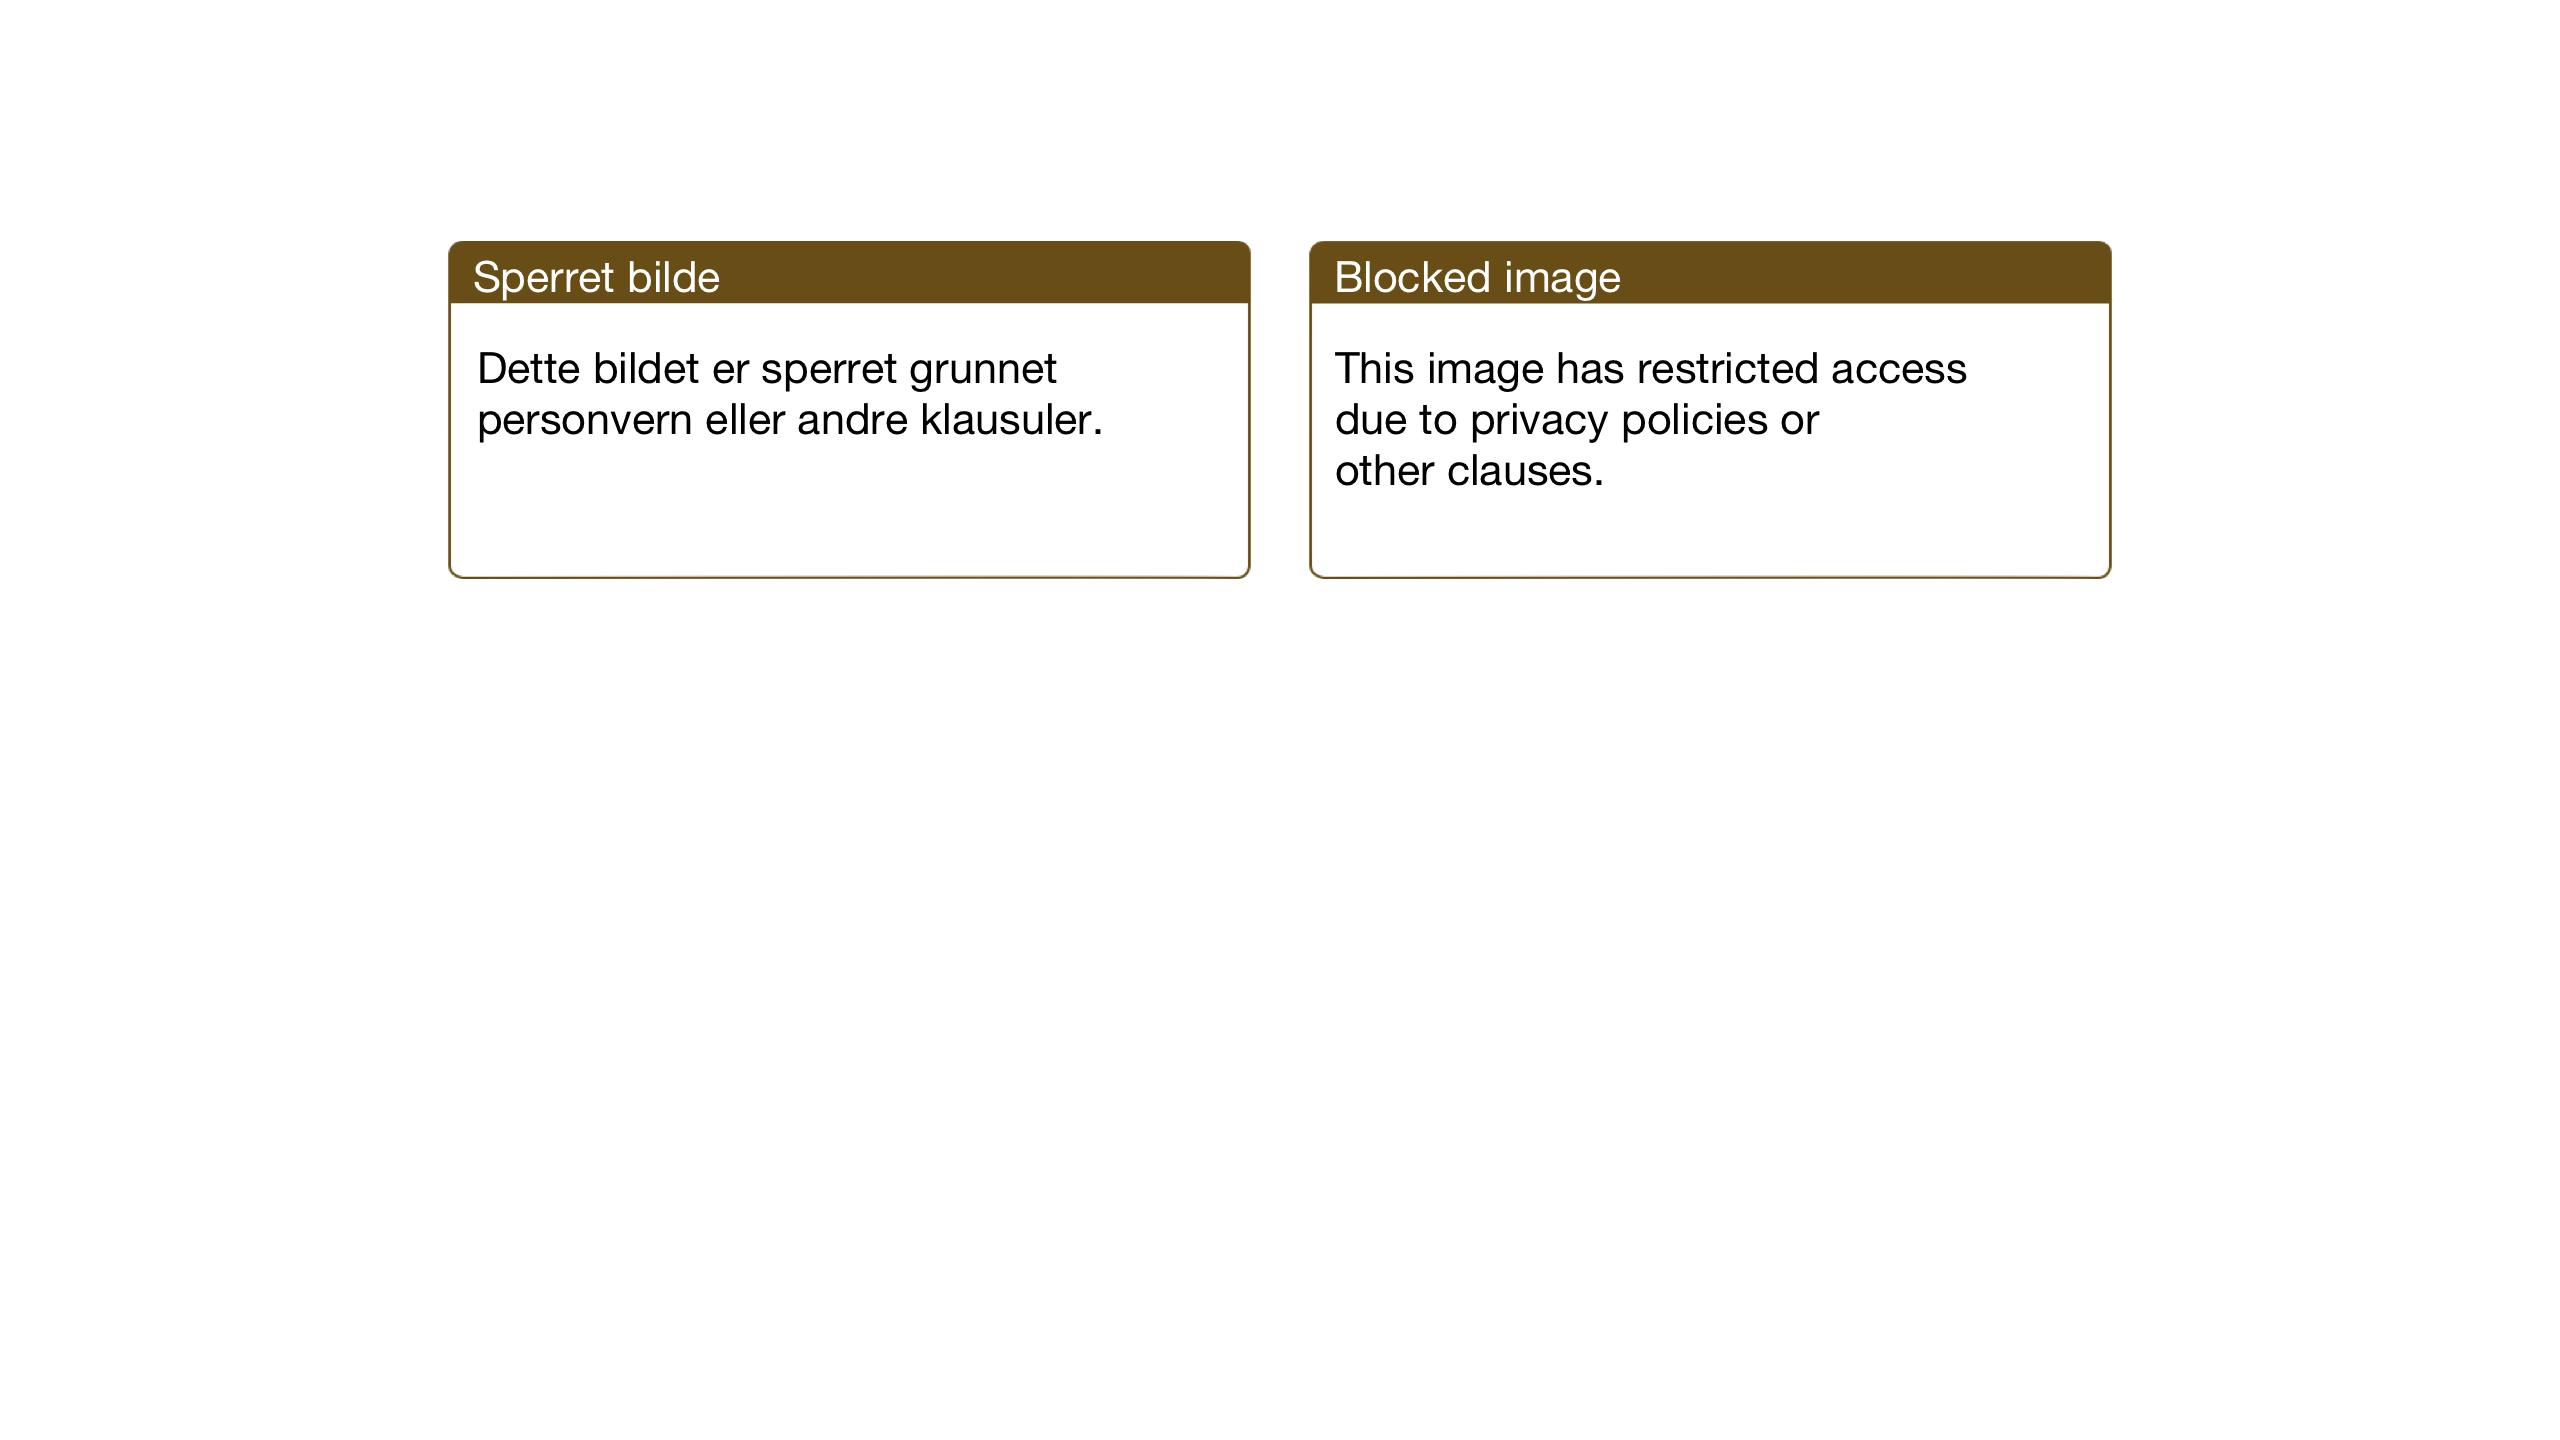 SAT, Ministerialprotokoller, klokkerbøker og fødselsregistre - Sør-Trøndelag, 675/L0888: Klokkerbok nr. 675C01, 1913-1935, s. 68